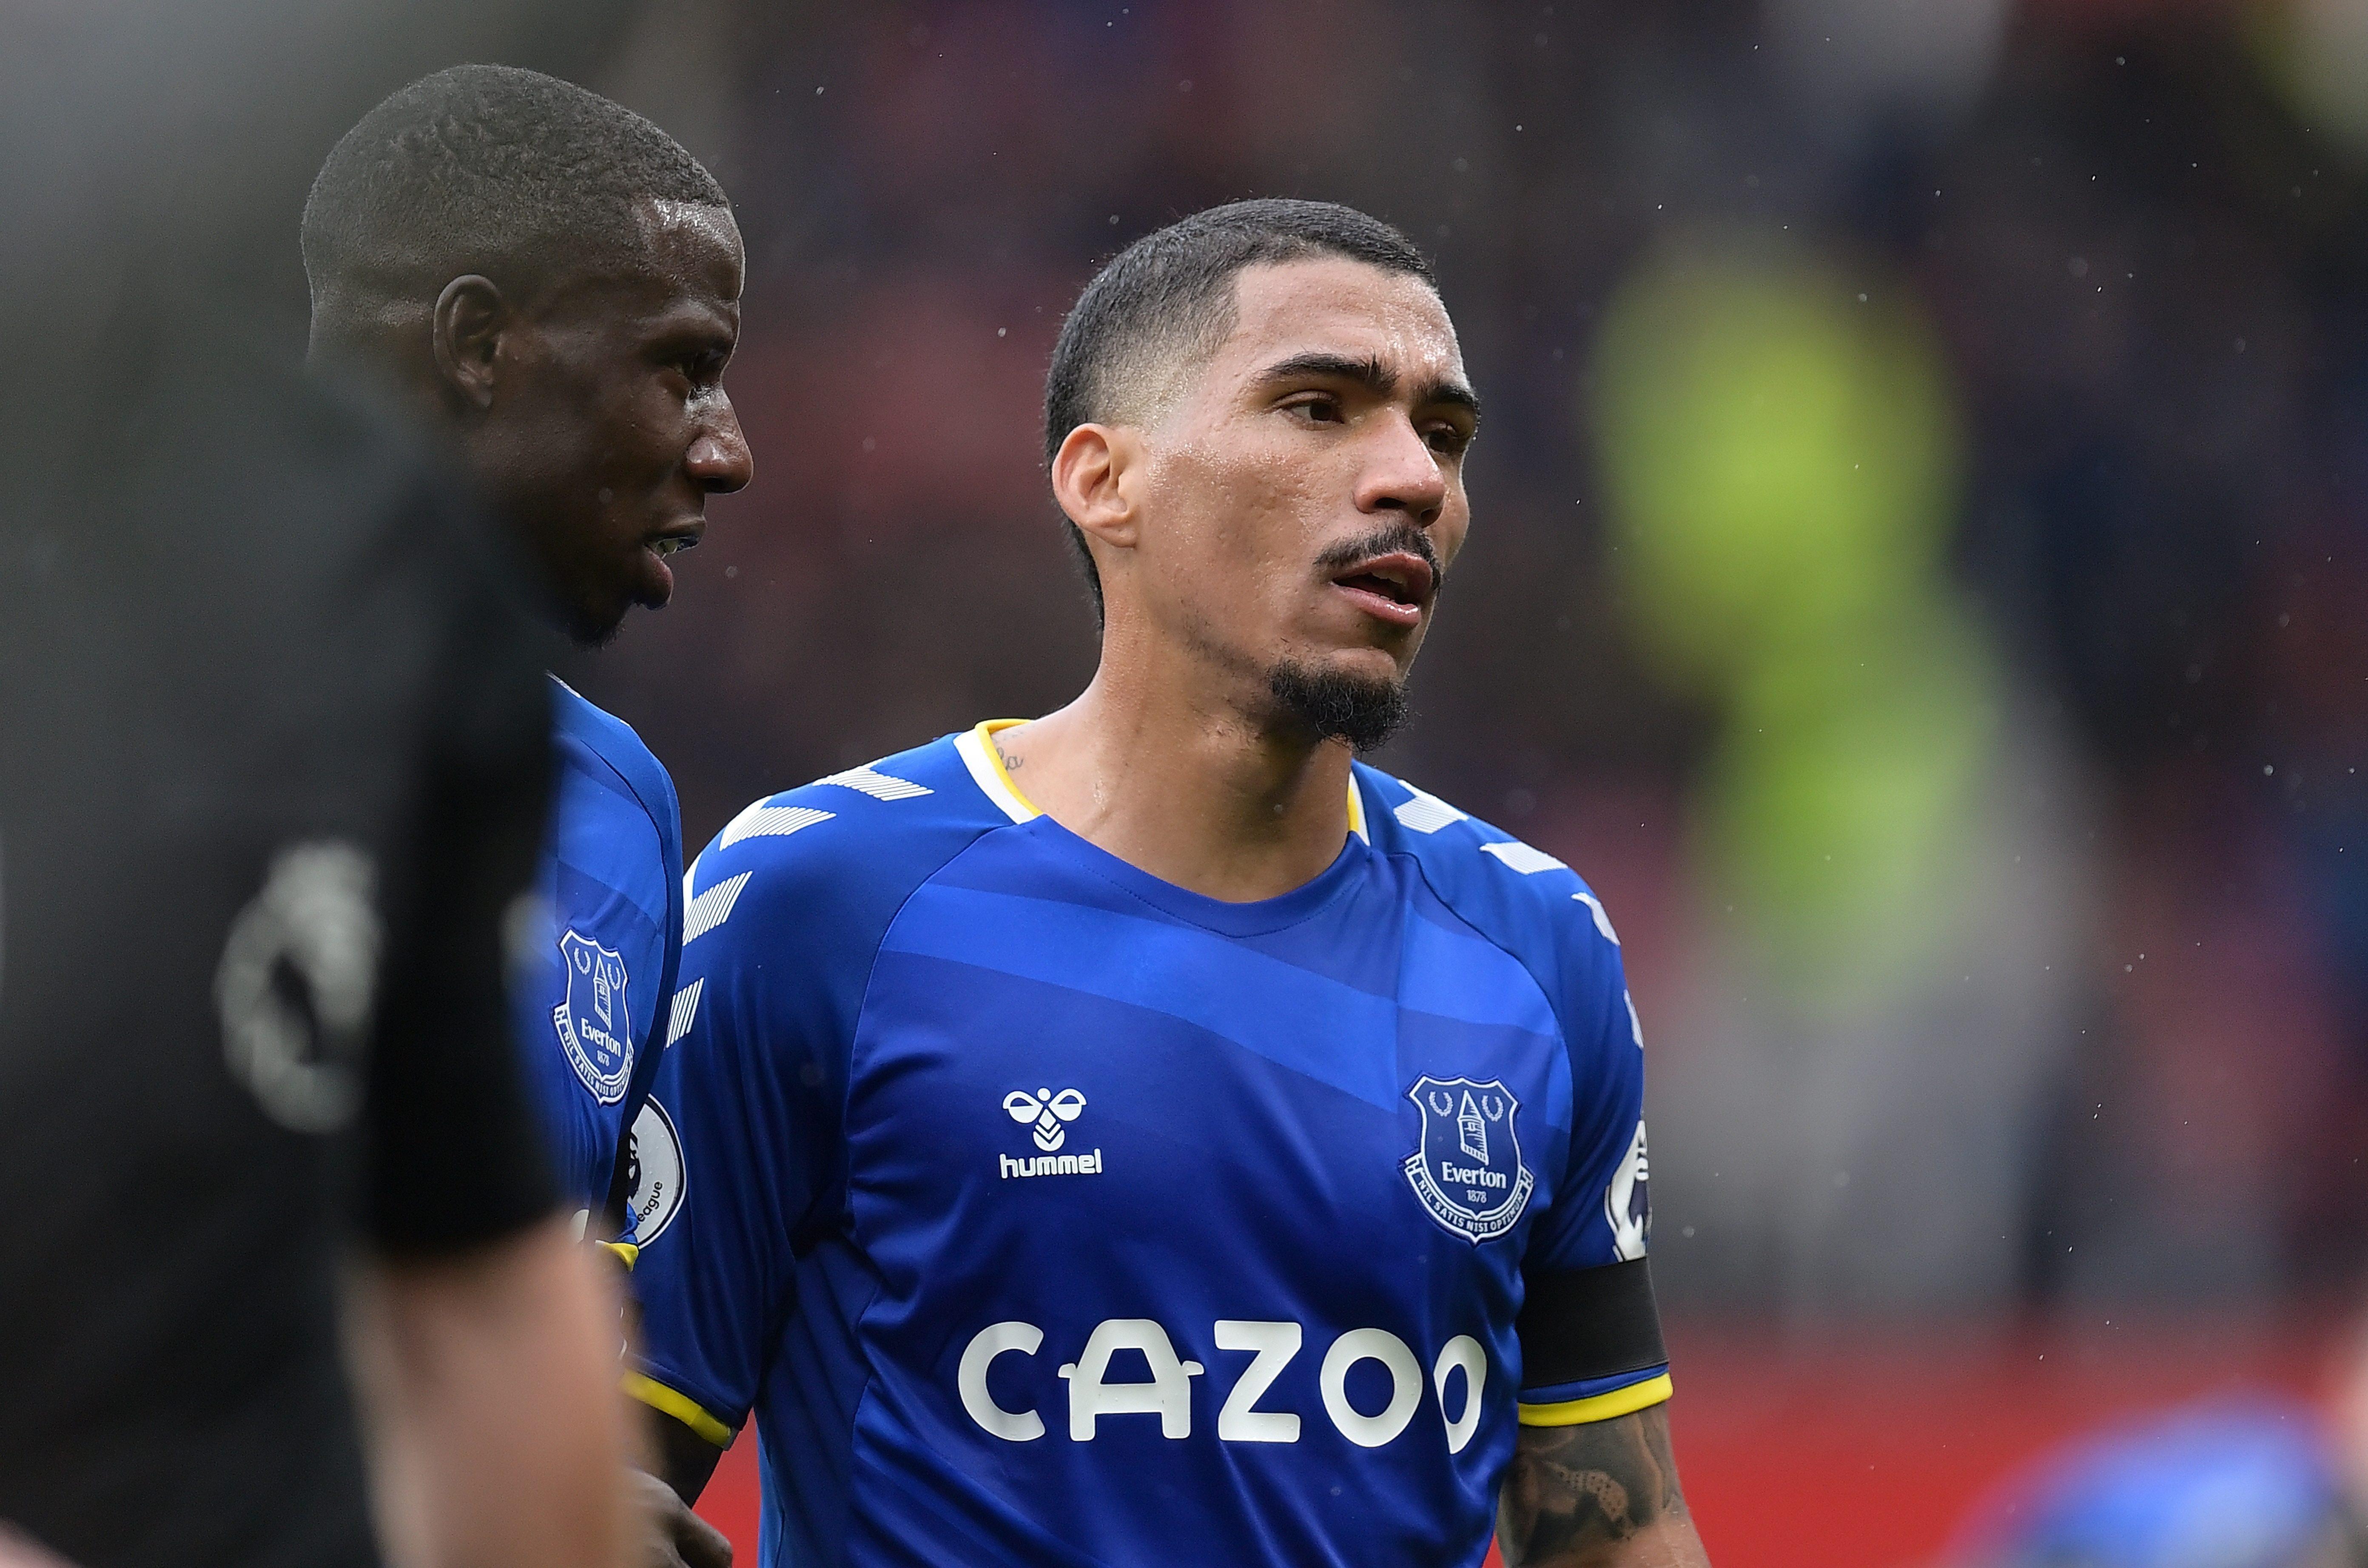 Allan was key as Everton won the midfield battle